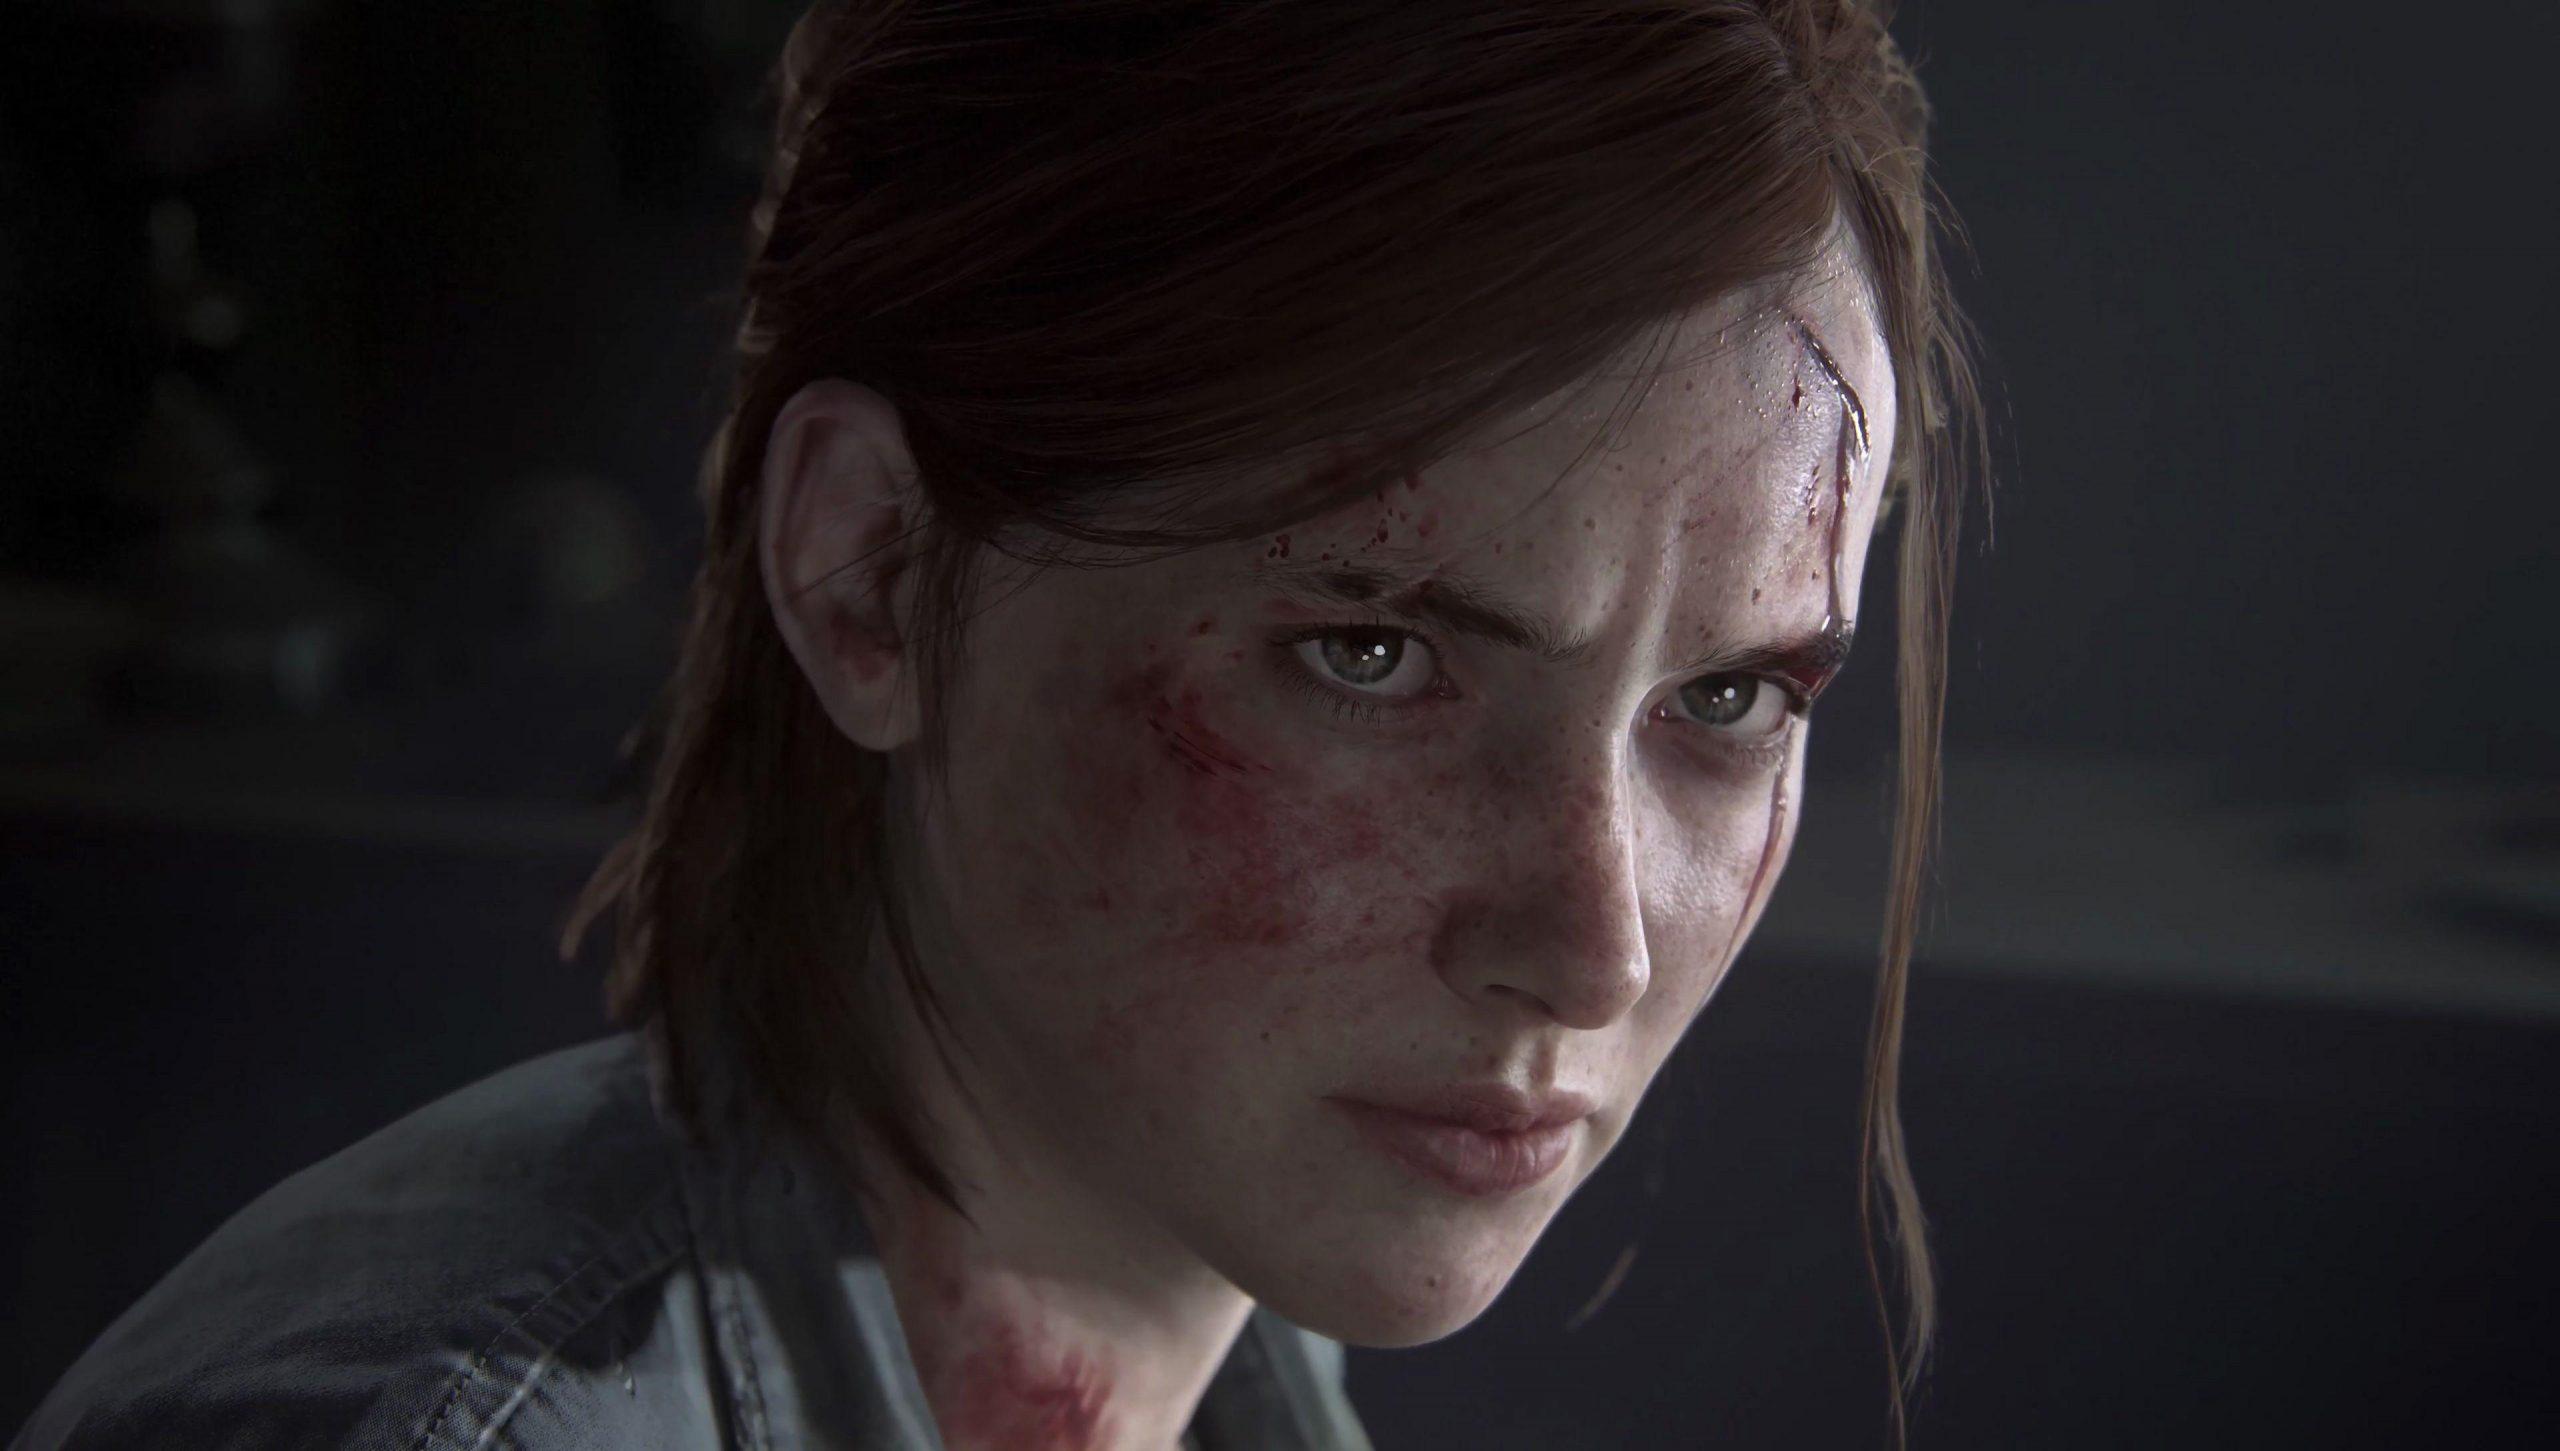 بازخوردهای منفی The Last Of Us Part 2